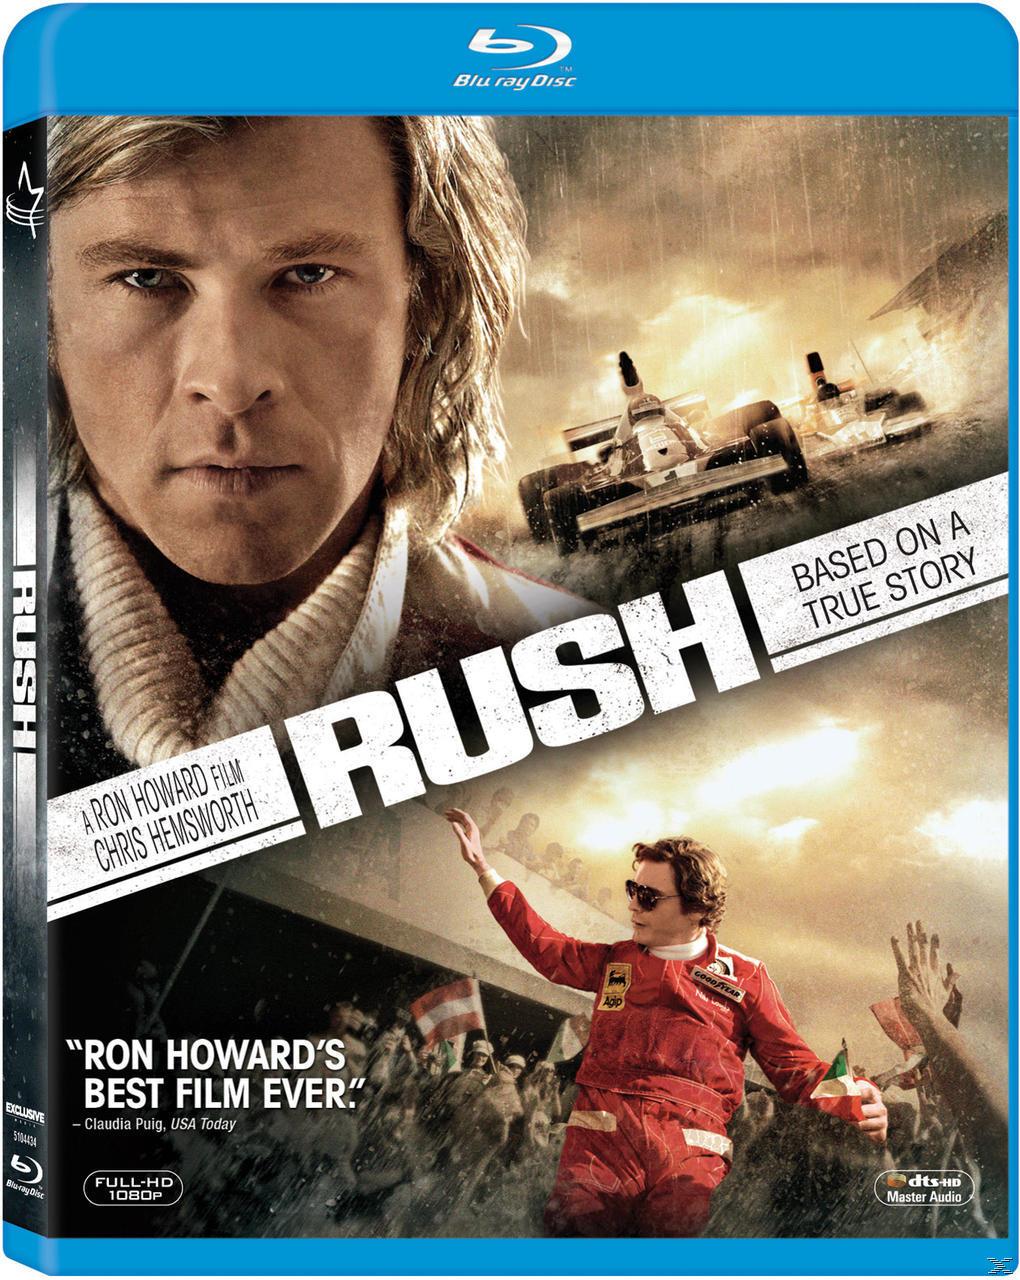 RUSH [BLU RAY]